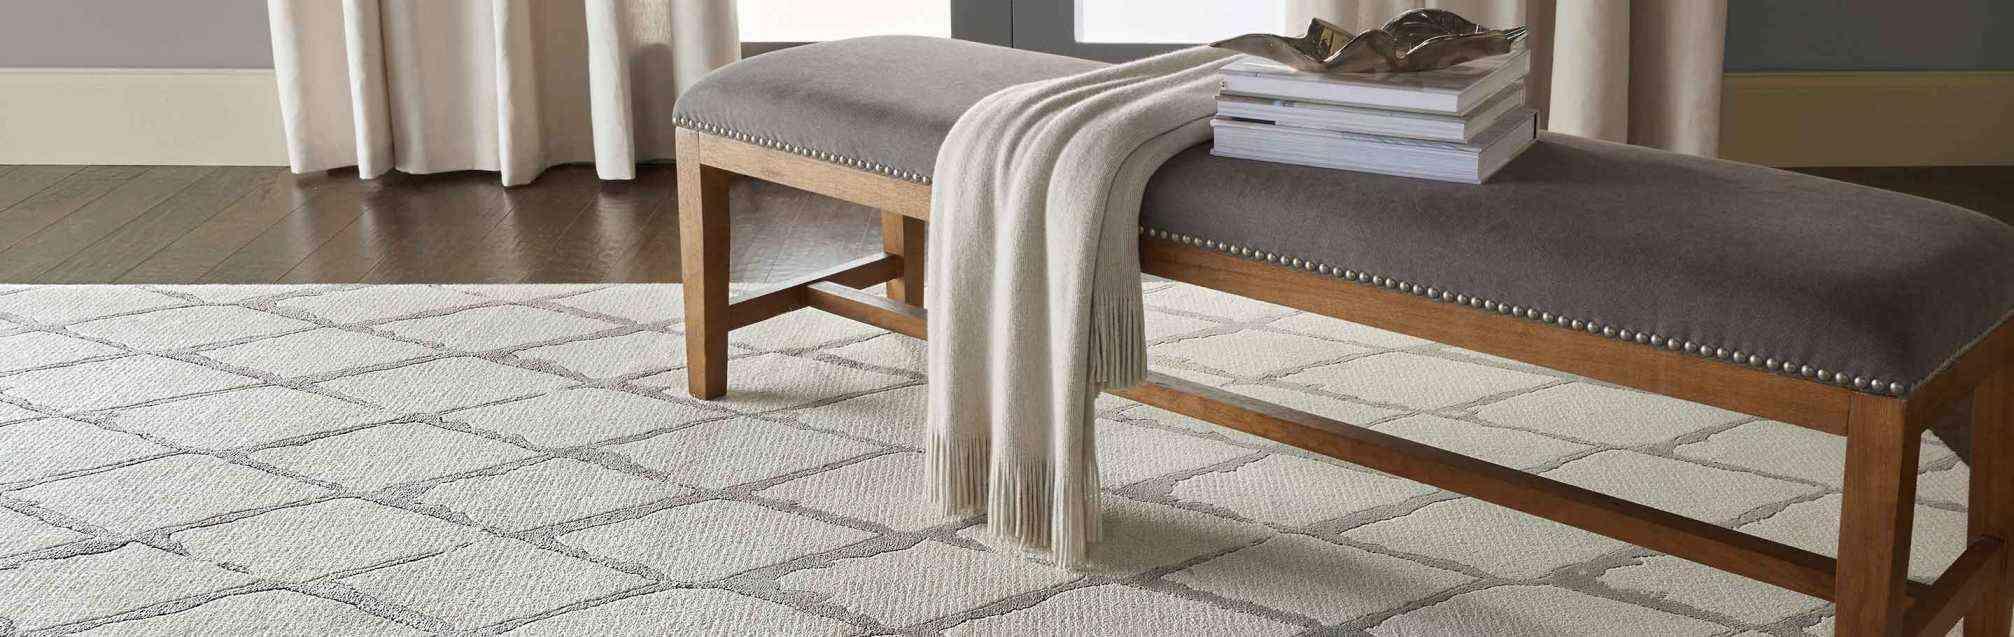 Flooring Neufeldts Flooring Hutchinson Ks